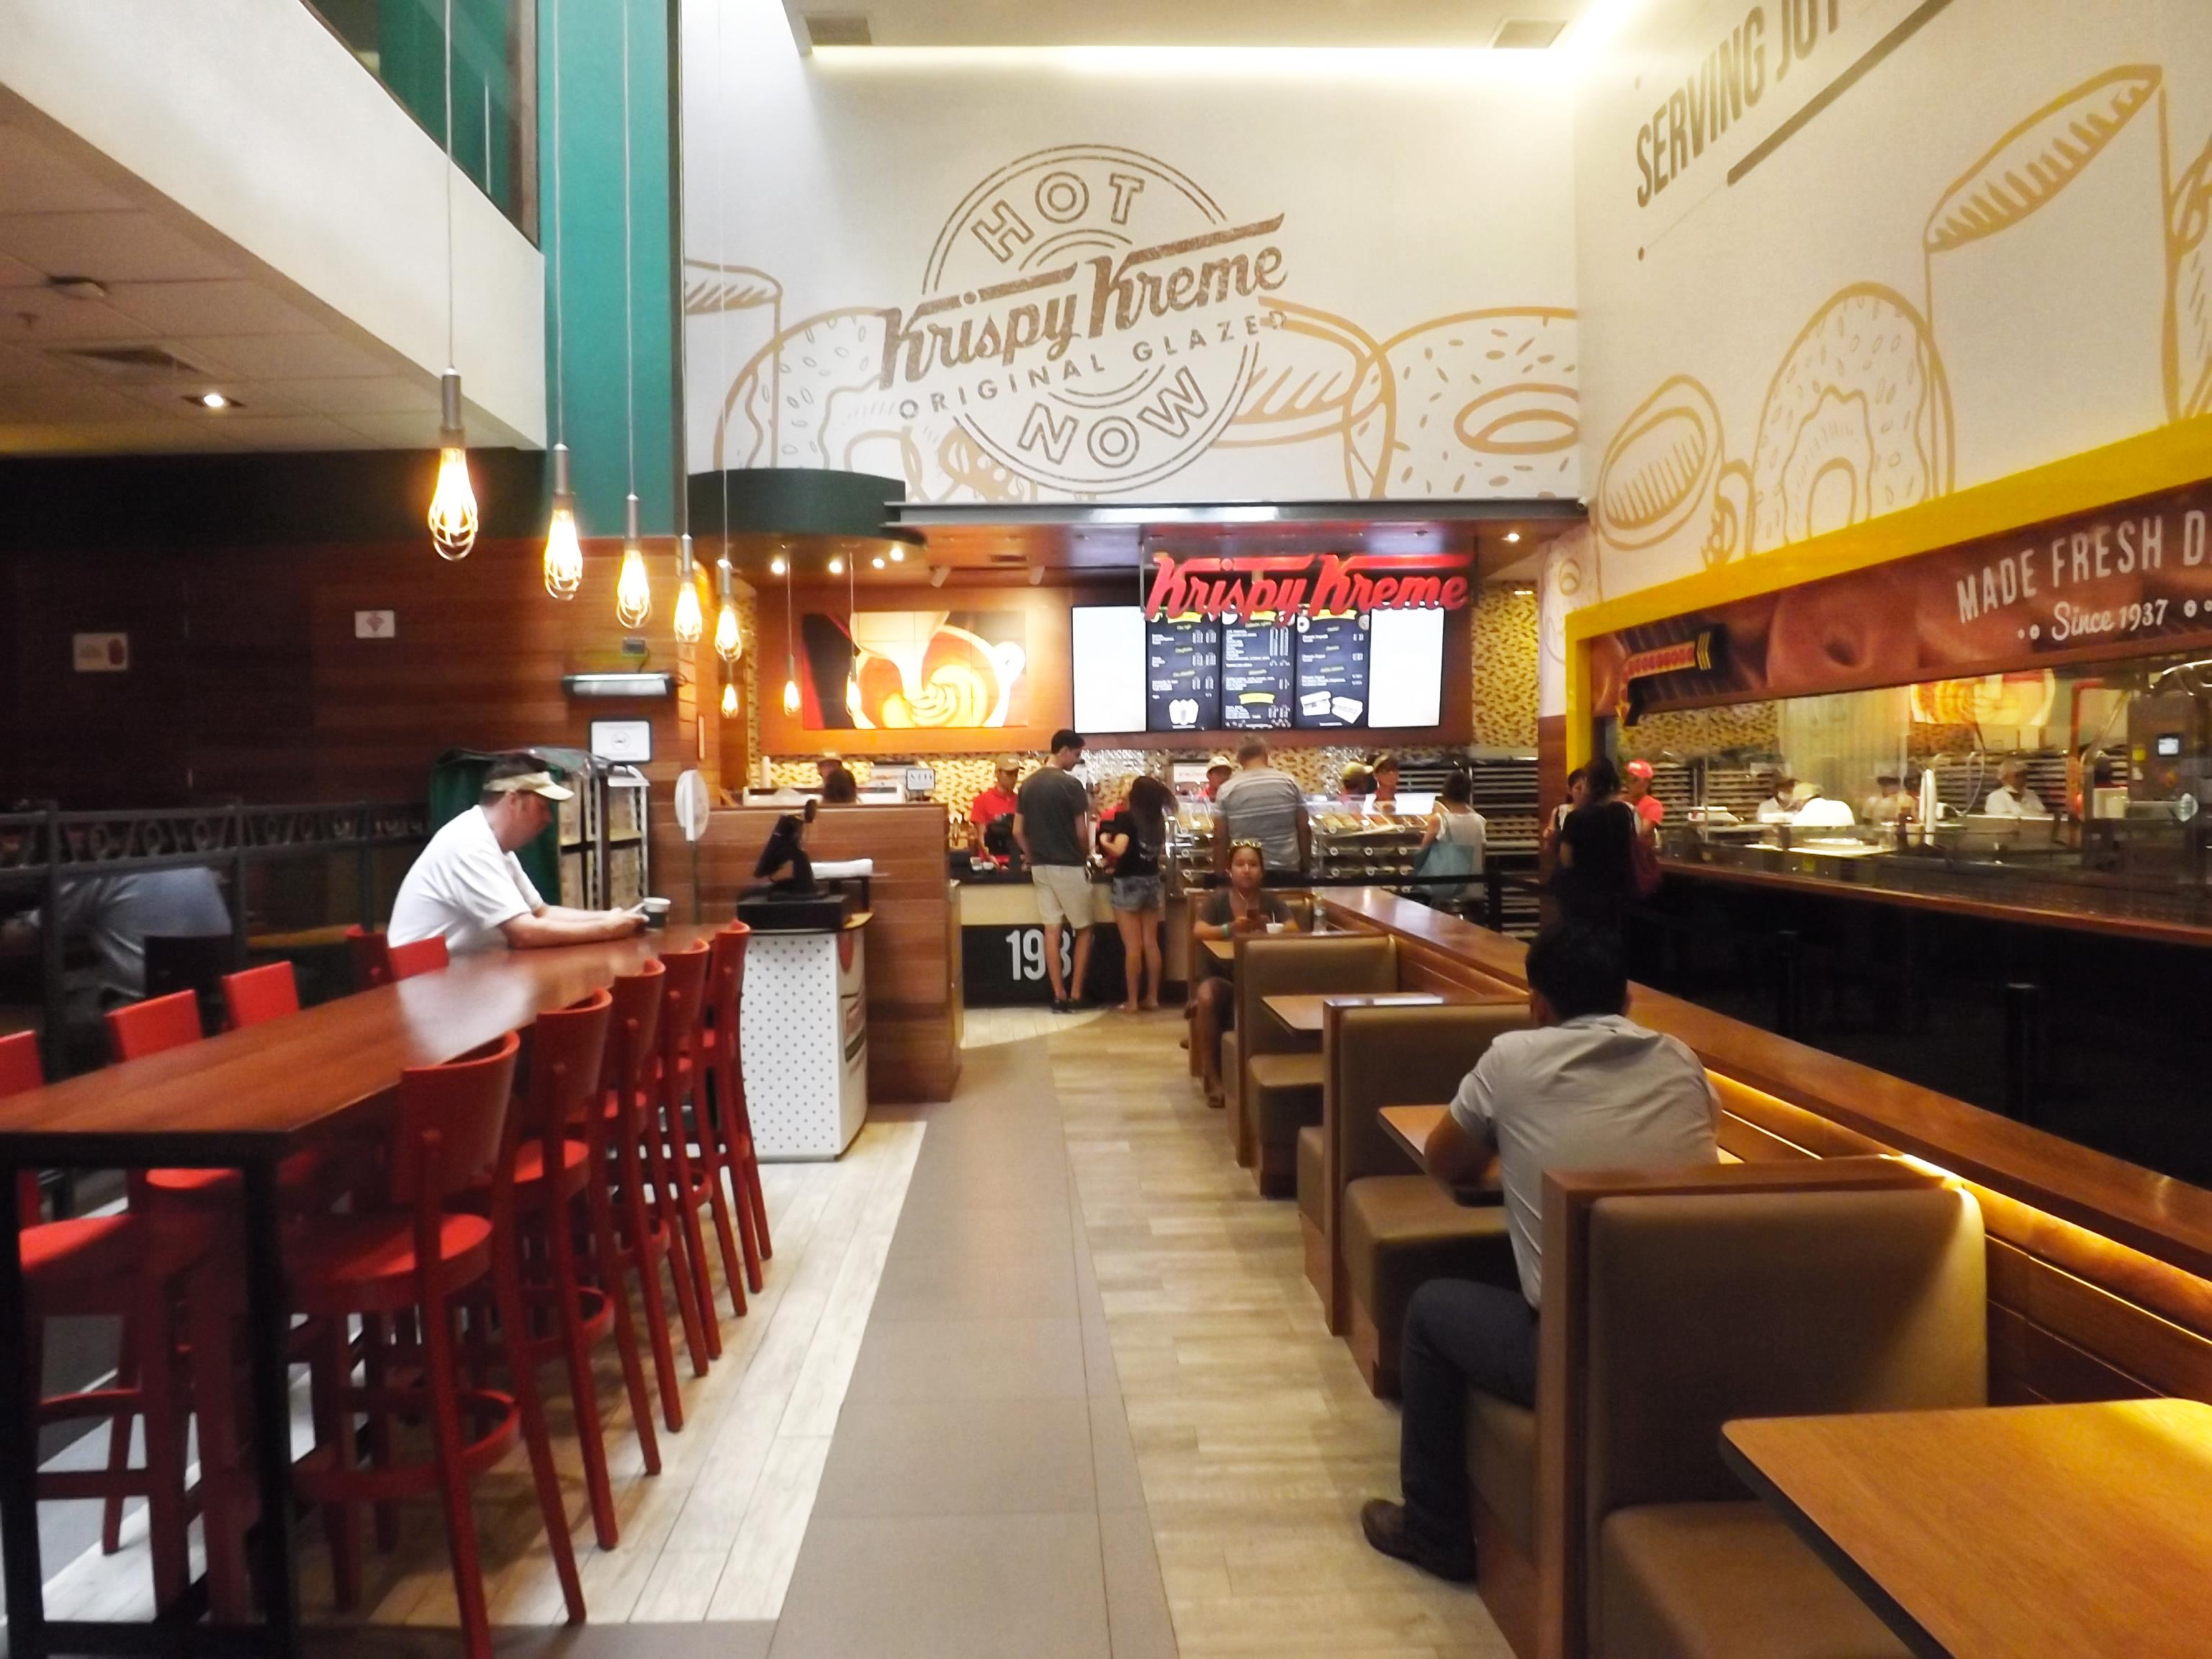 Krispy Kreme Perú Retail 16 - Conozca por dentro la tienda Krispy Kreme más grande del mundo